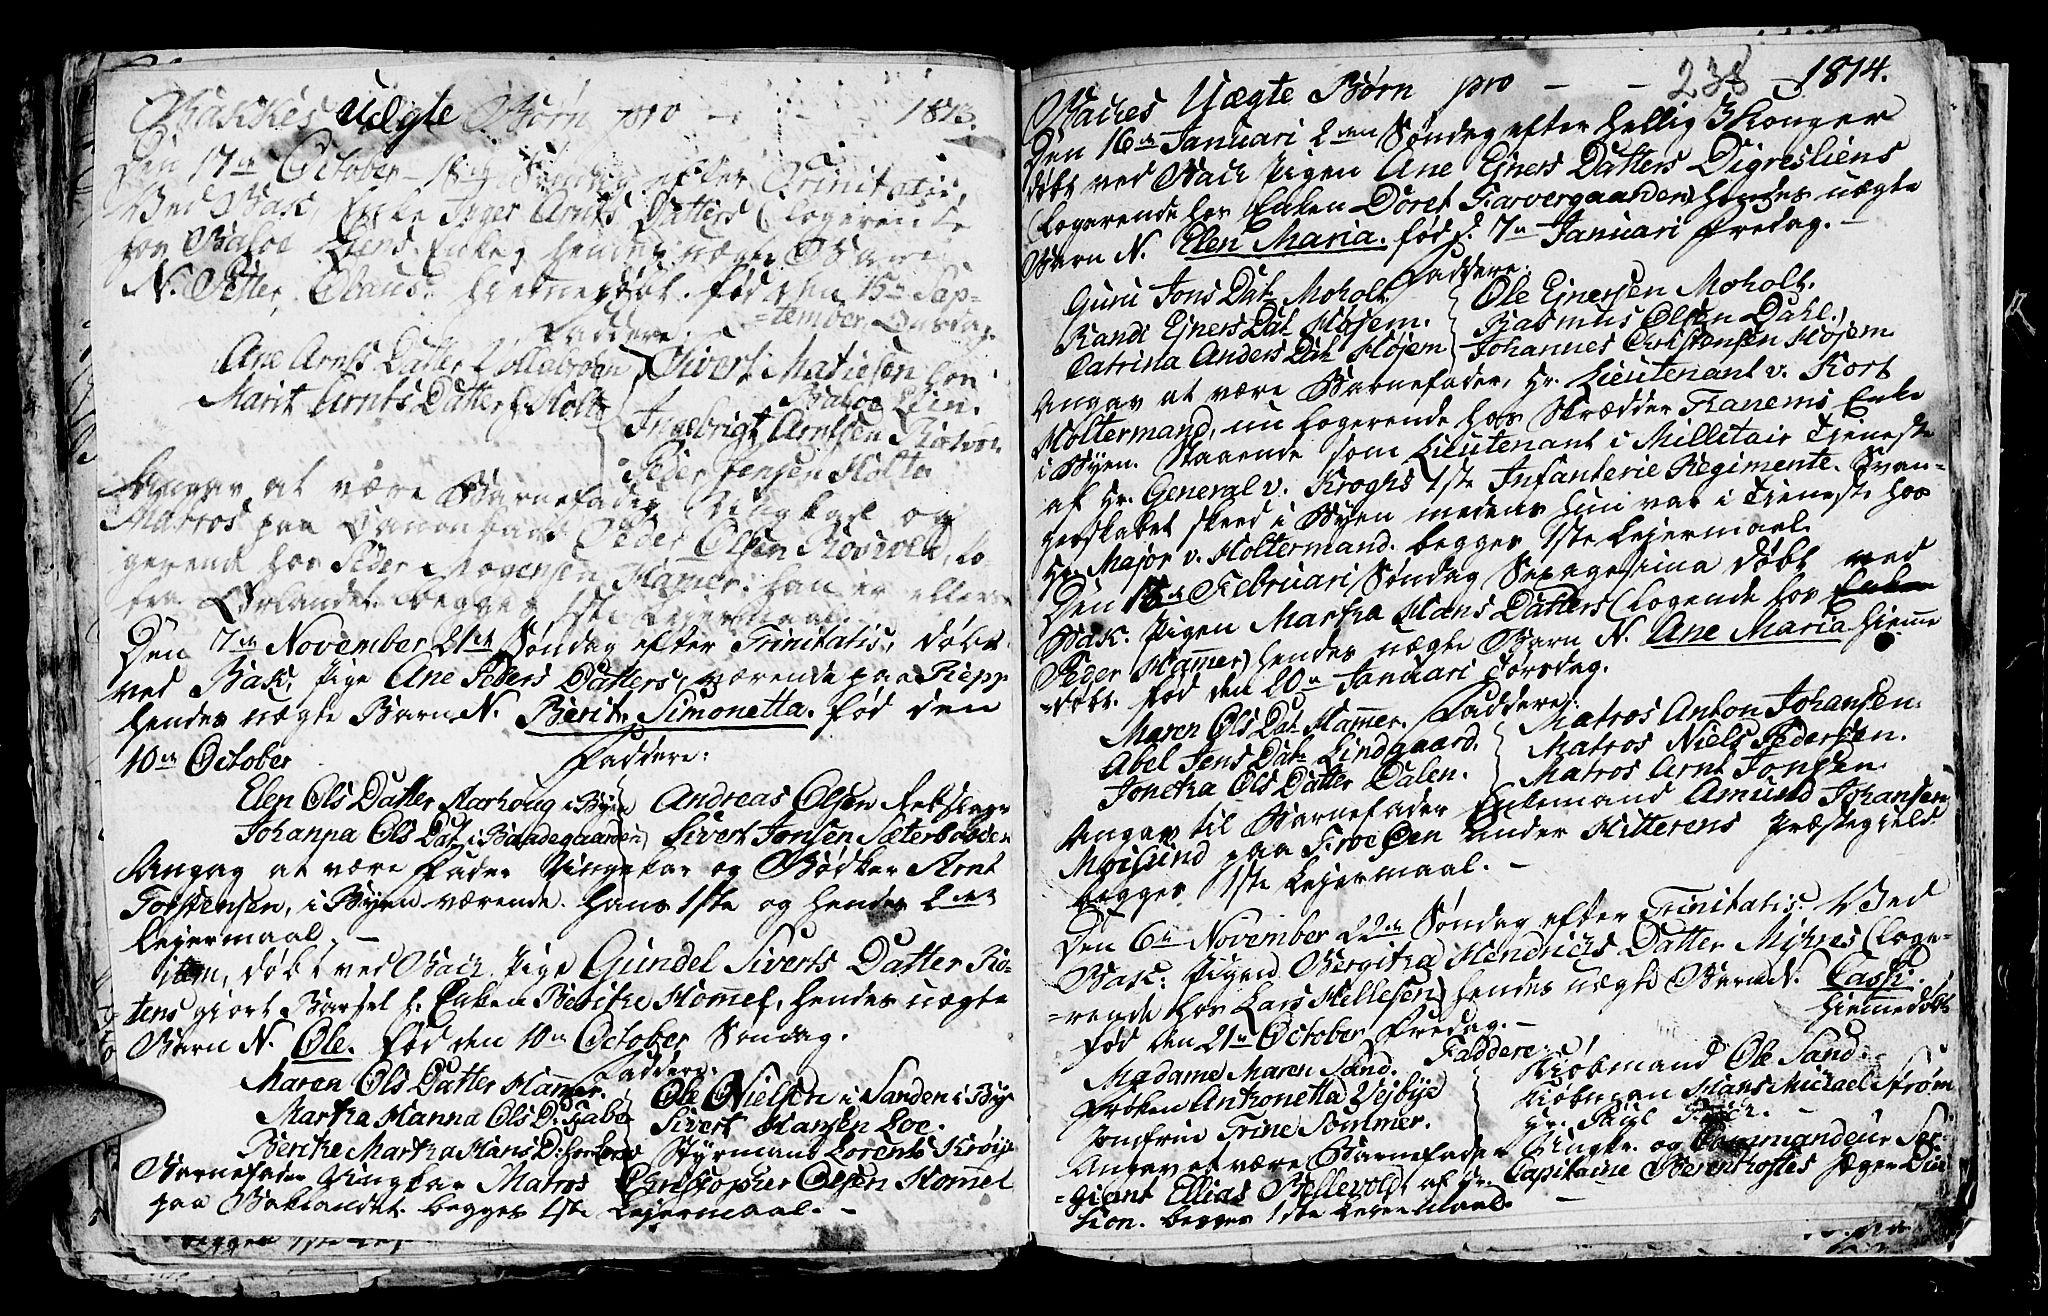 SAT, Ministerialprotokoller, klokkerbøker og fødselsregistre - Sør-Trøndelag, 604/L0218: Klokkerbok nr. 604C01, 1754-1819, s. 238